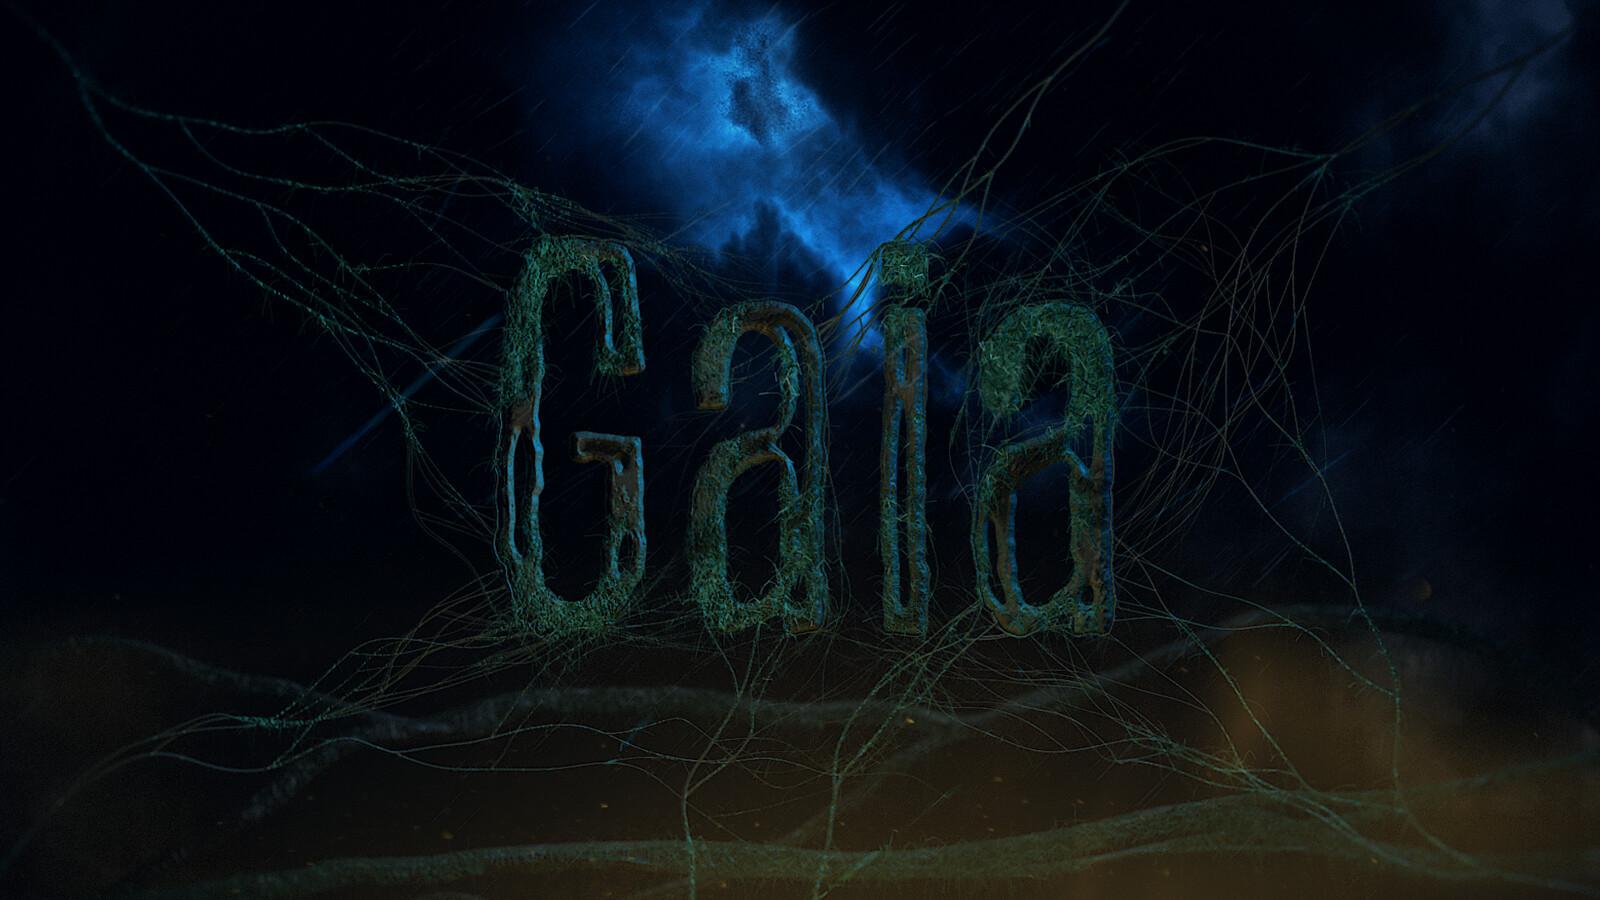 Gaia - Title